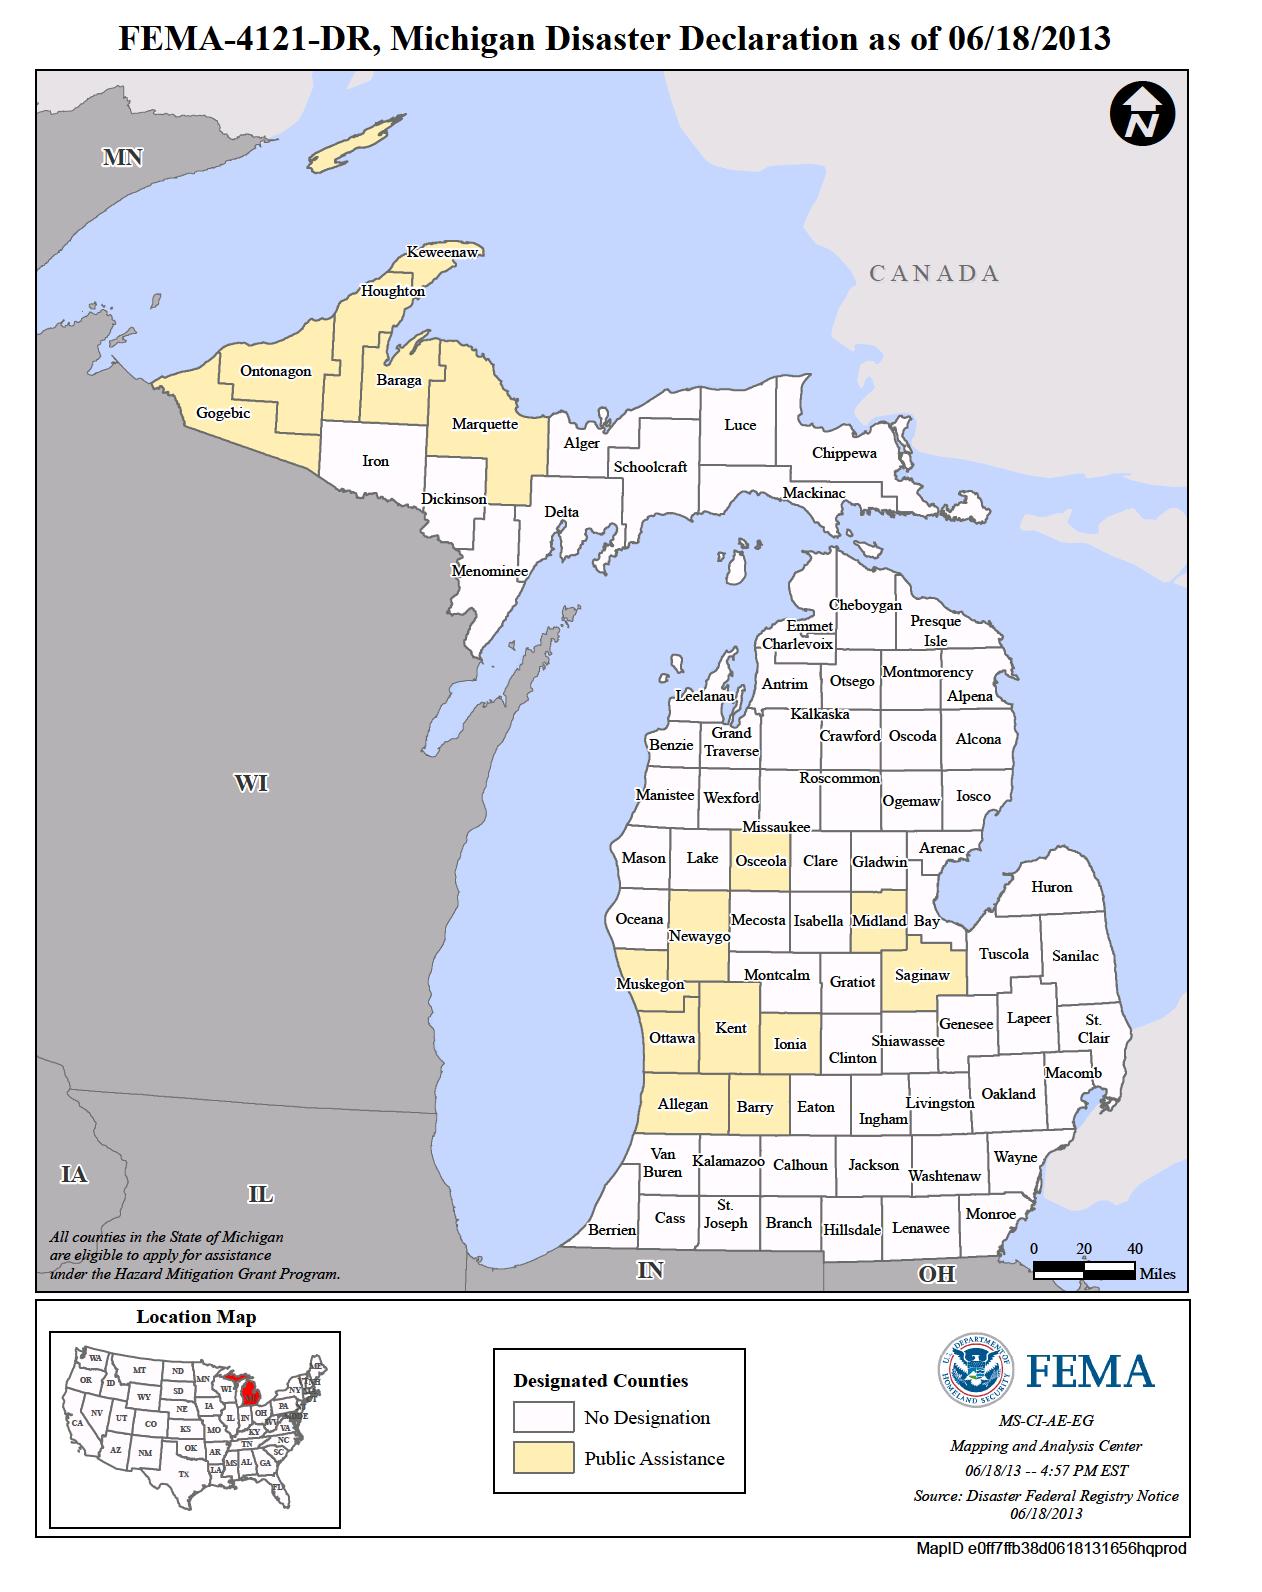 Michigan Flooding (DR-4121) | FEMA gov